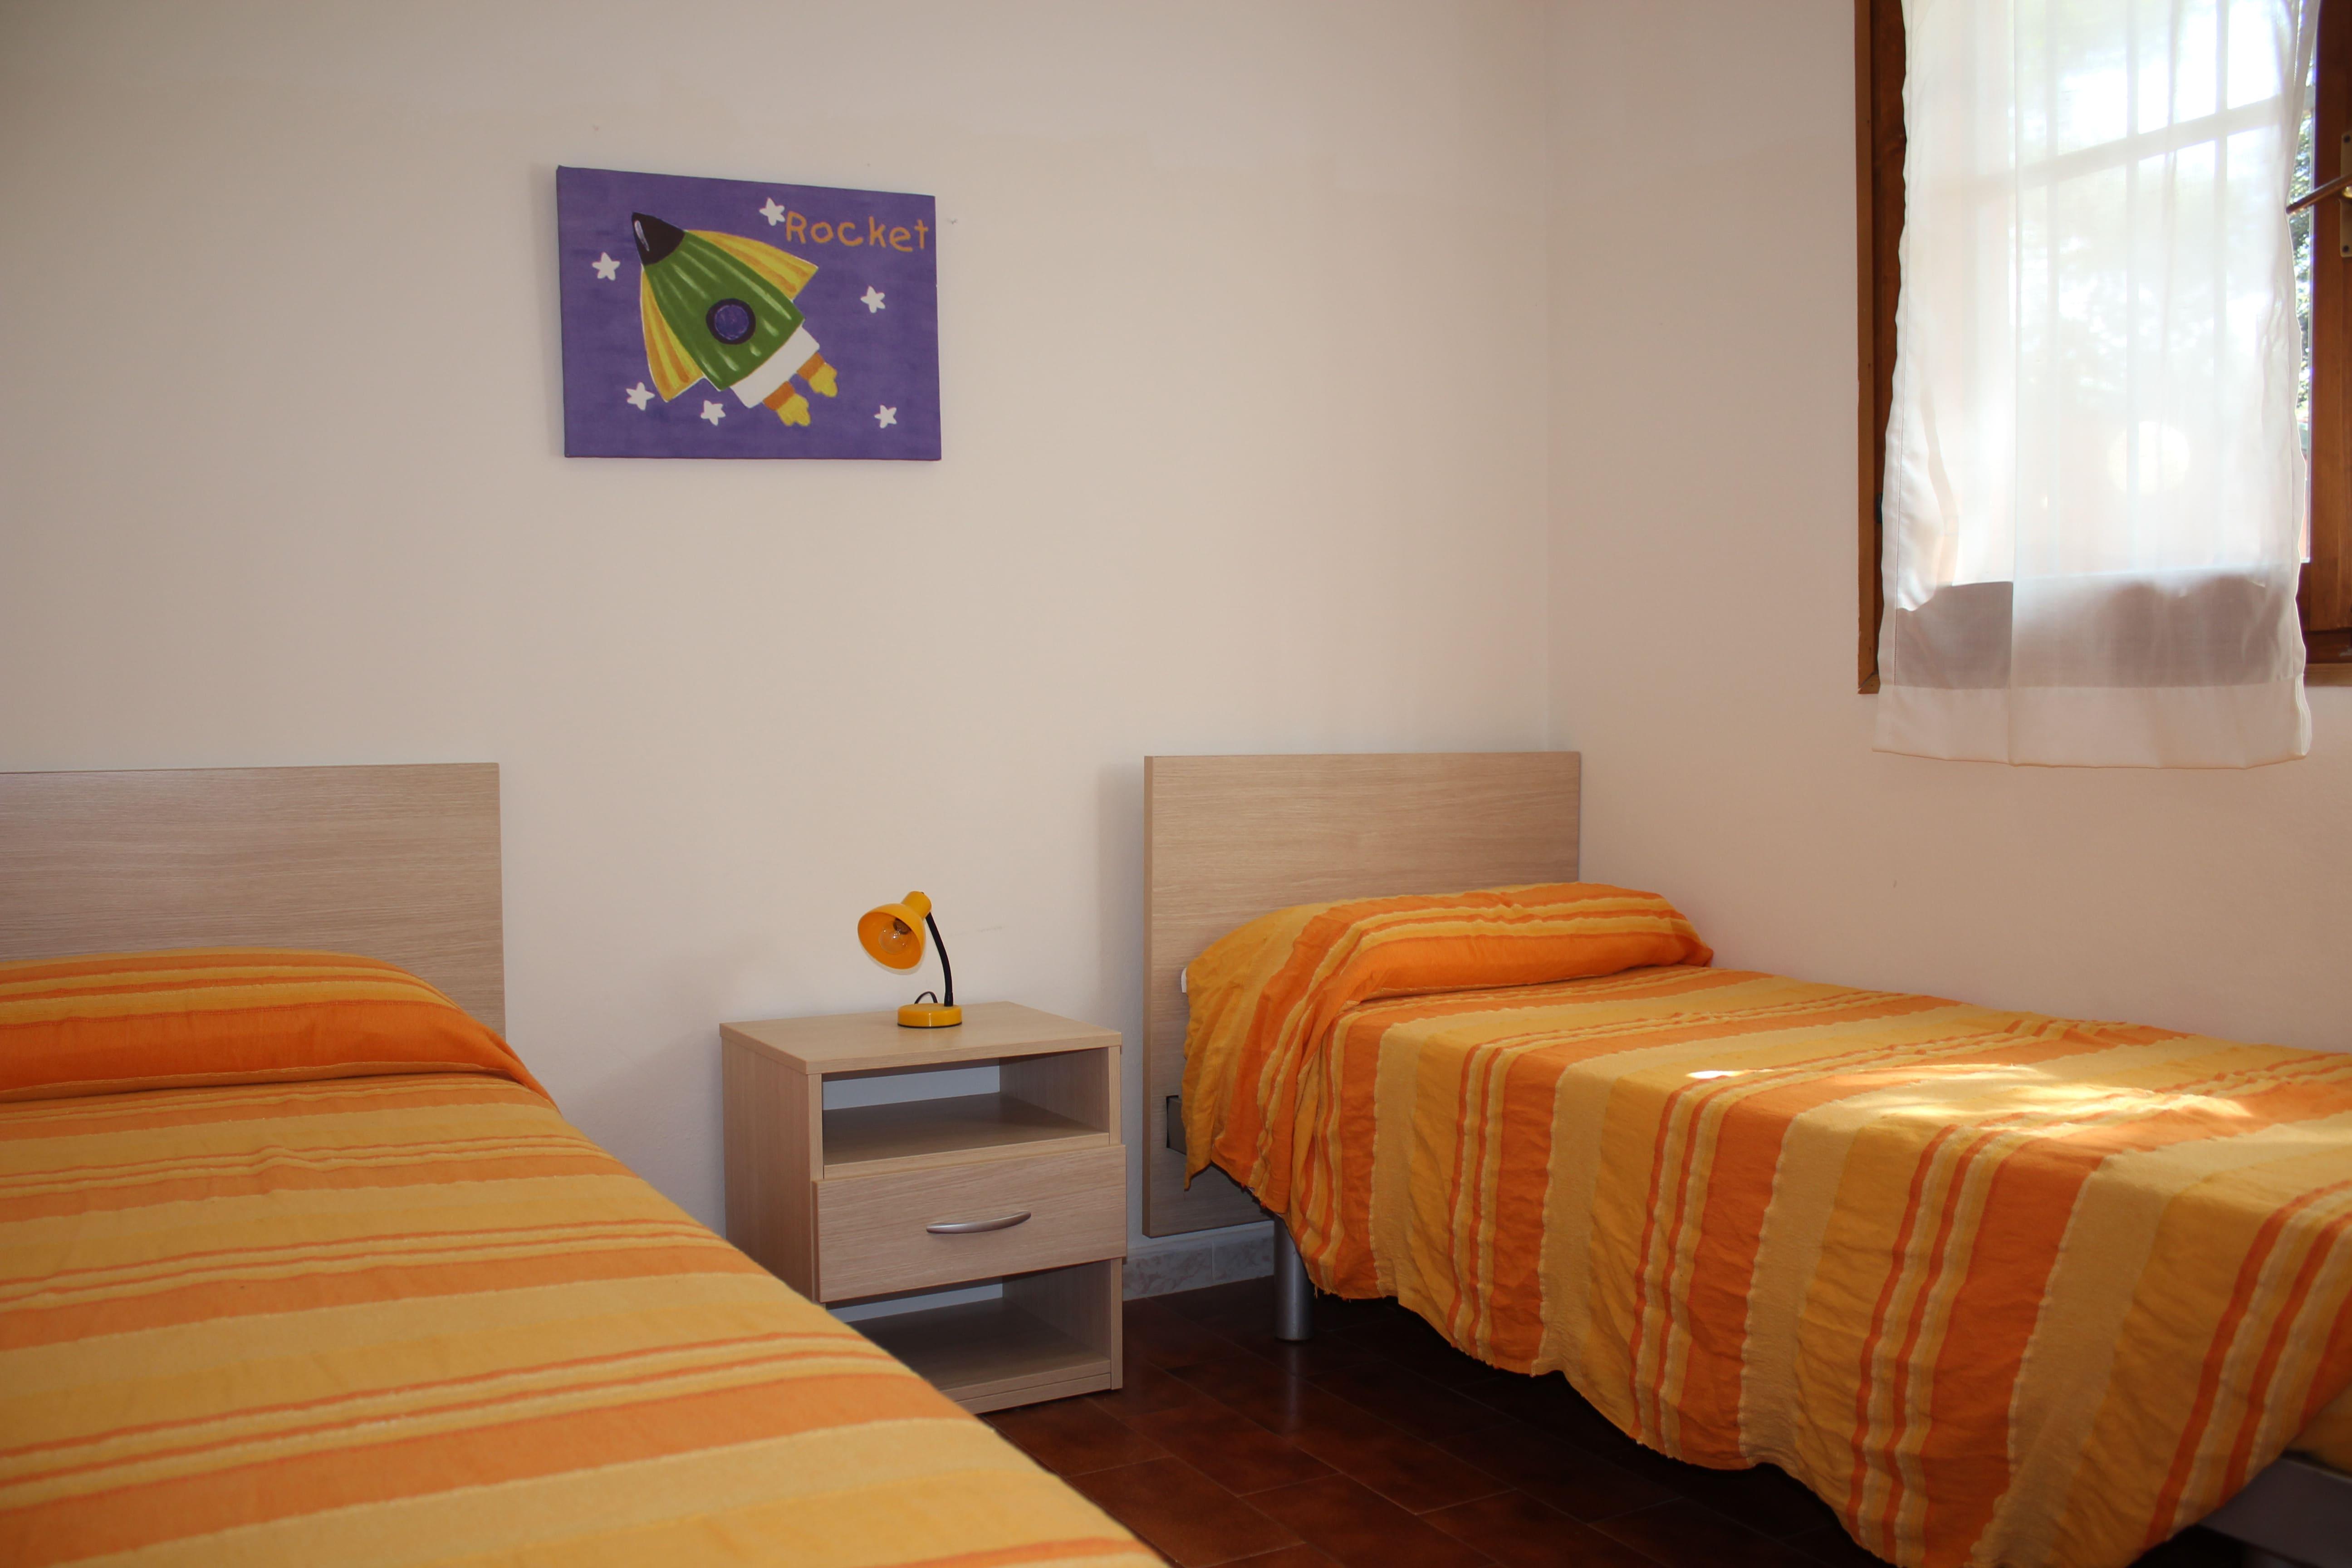 Letto Matrimoniale Emilia Romagna.Bungalow Costa Ferrara Camping Bungalow Adriatico Camping Emilia